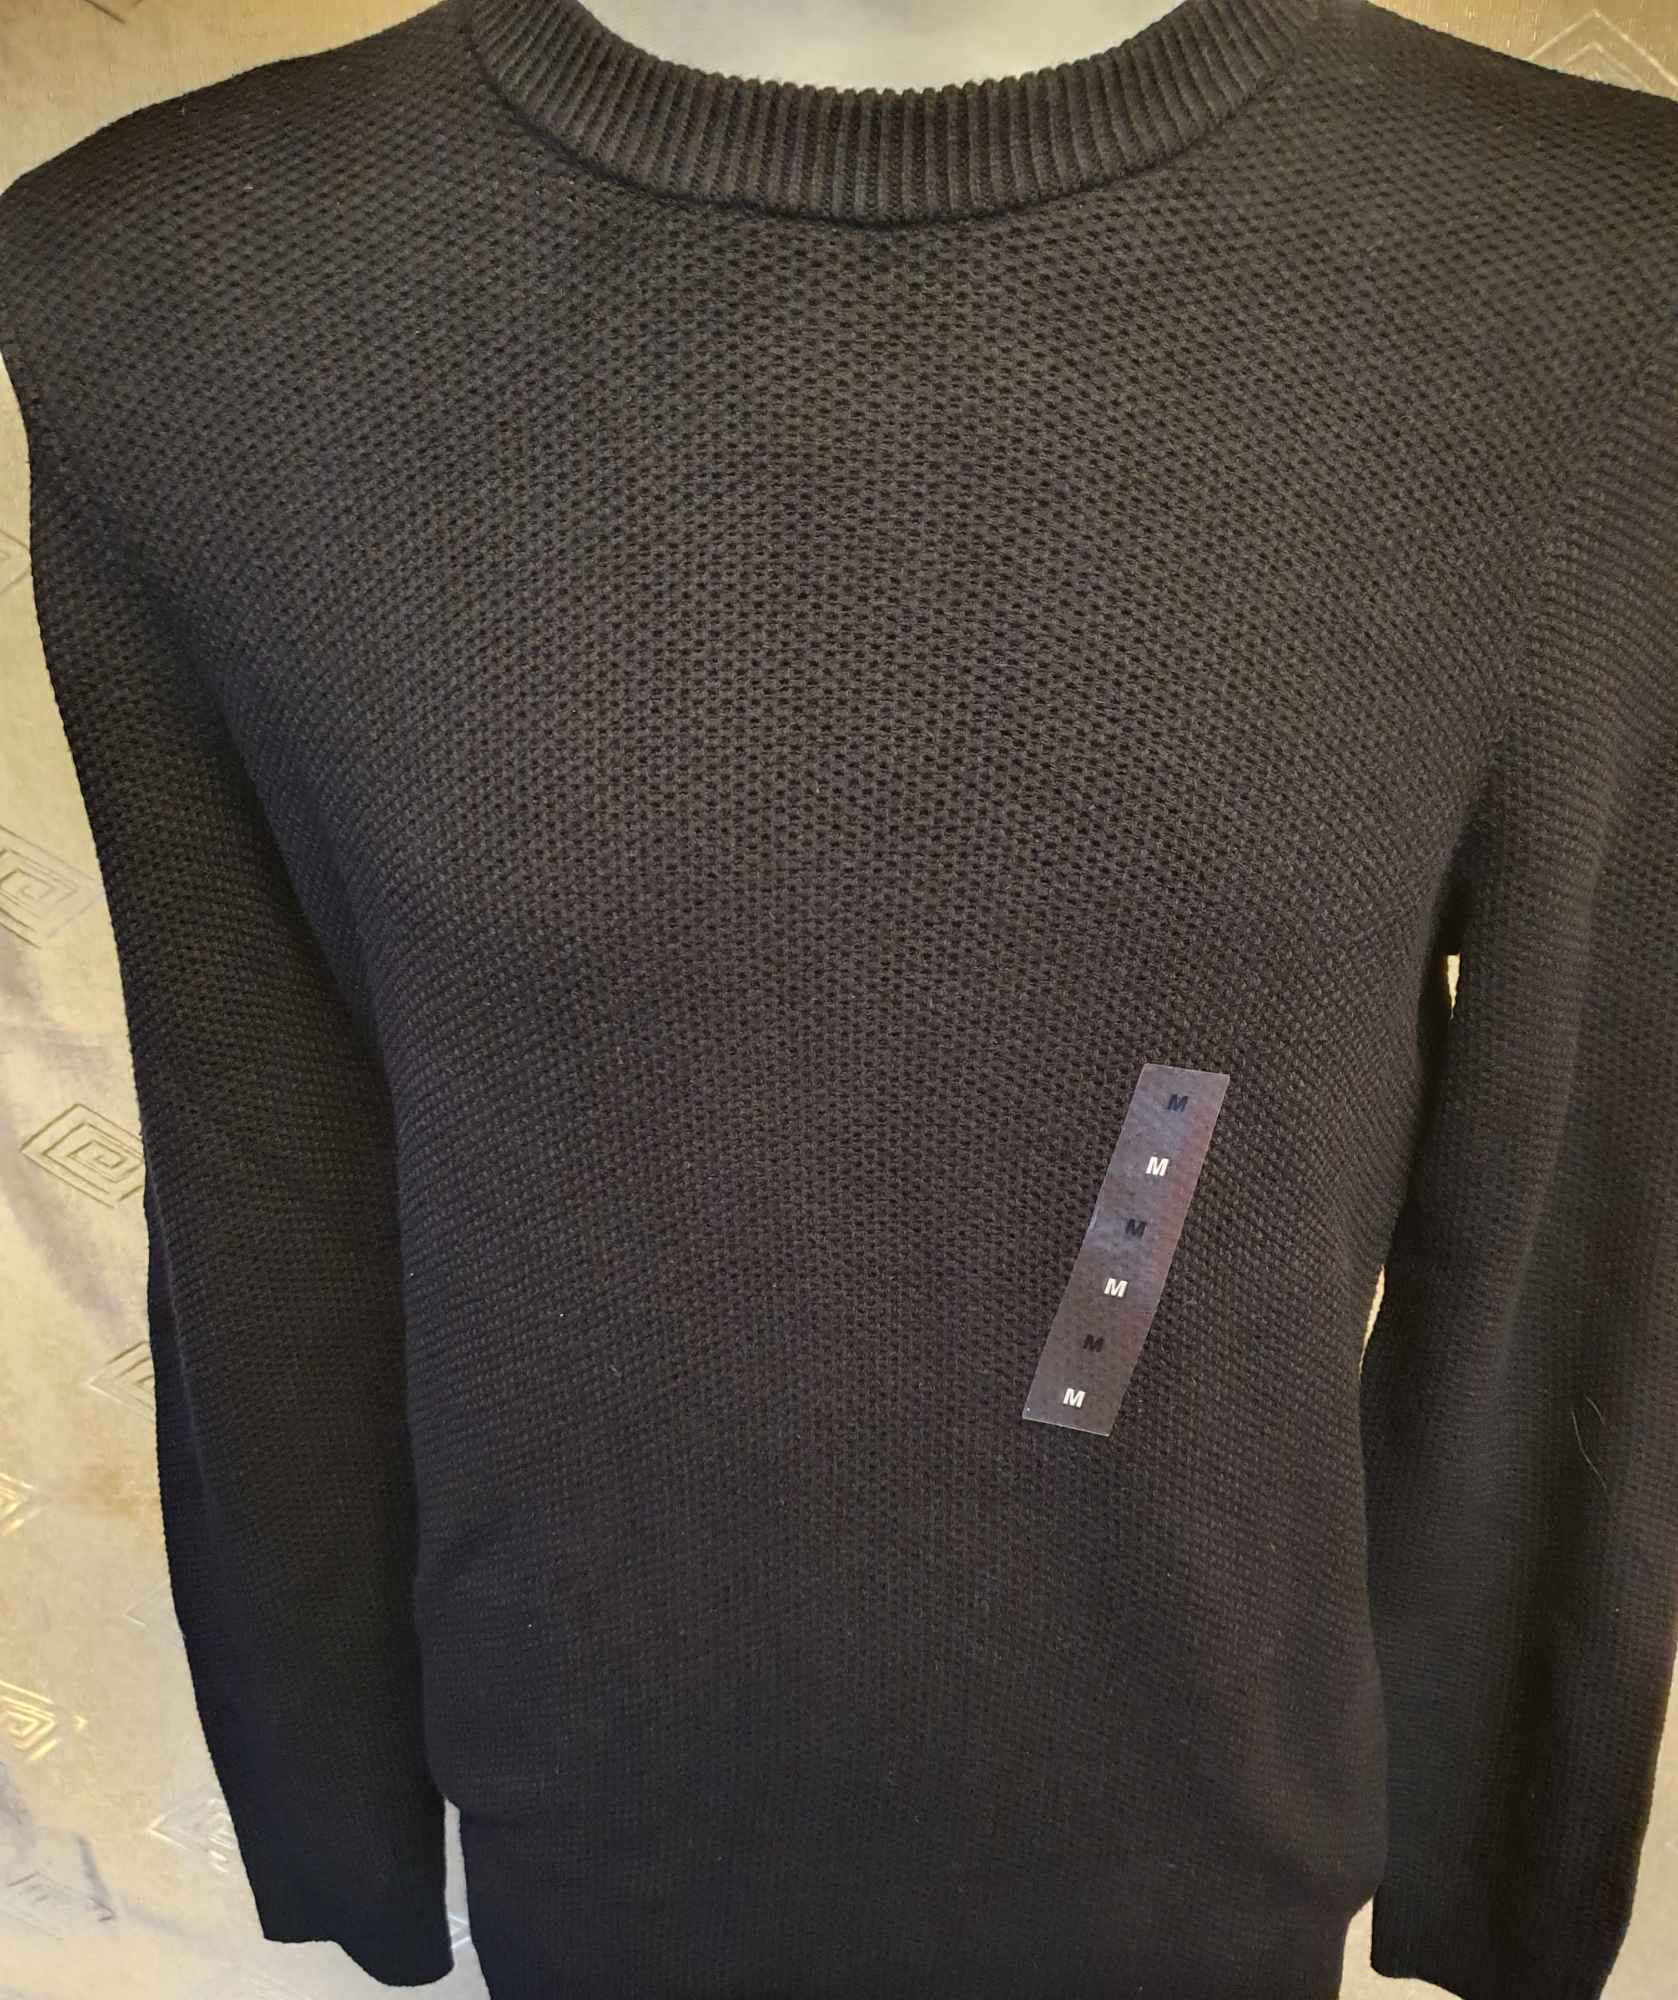 Sweter czarny Michael Kors - Rozmiar M Włocławek - zdjęcie 2